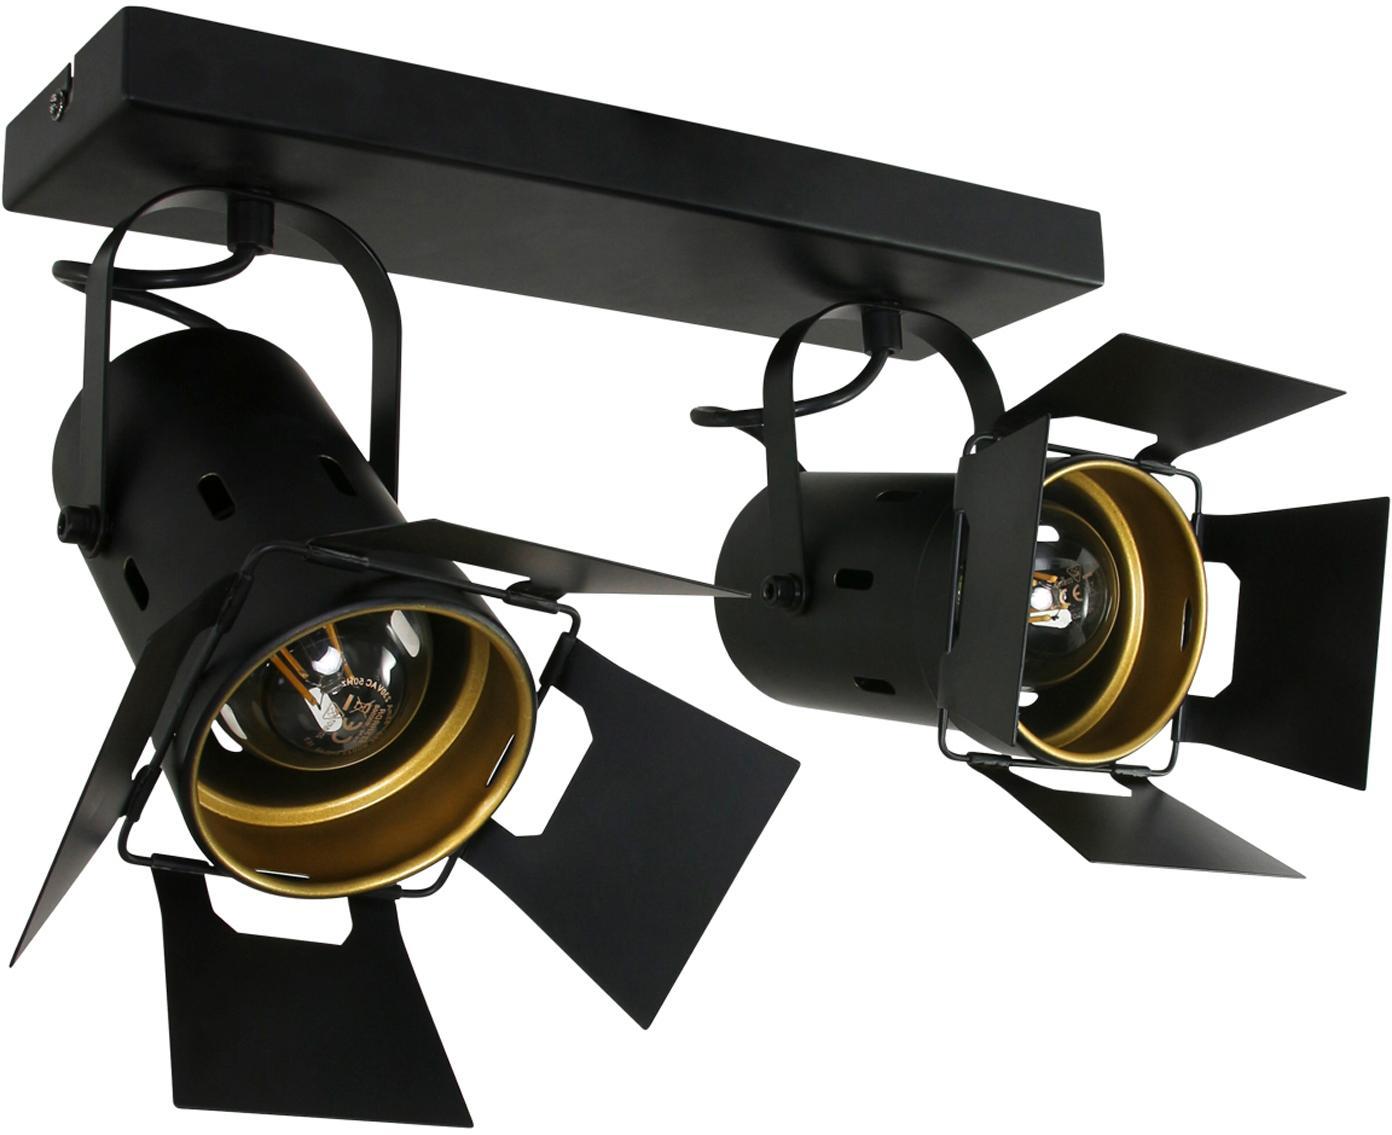 Industrial-Deckenstrahler Carre, verstellbar, Metall, lackiert, Schwarz, 58 x 37 cm